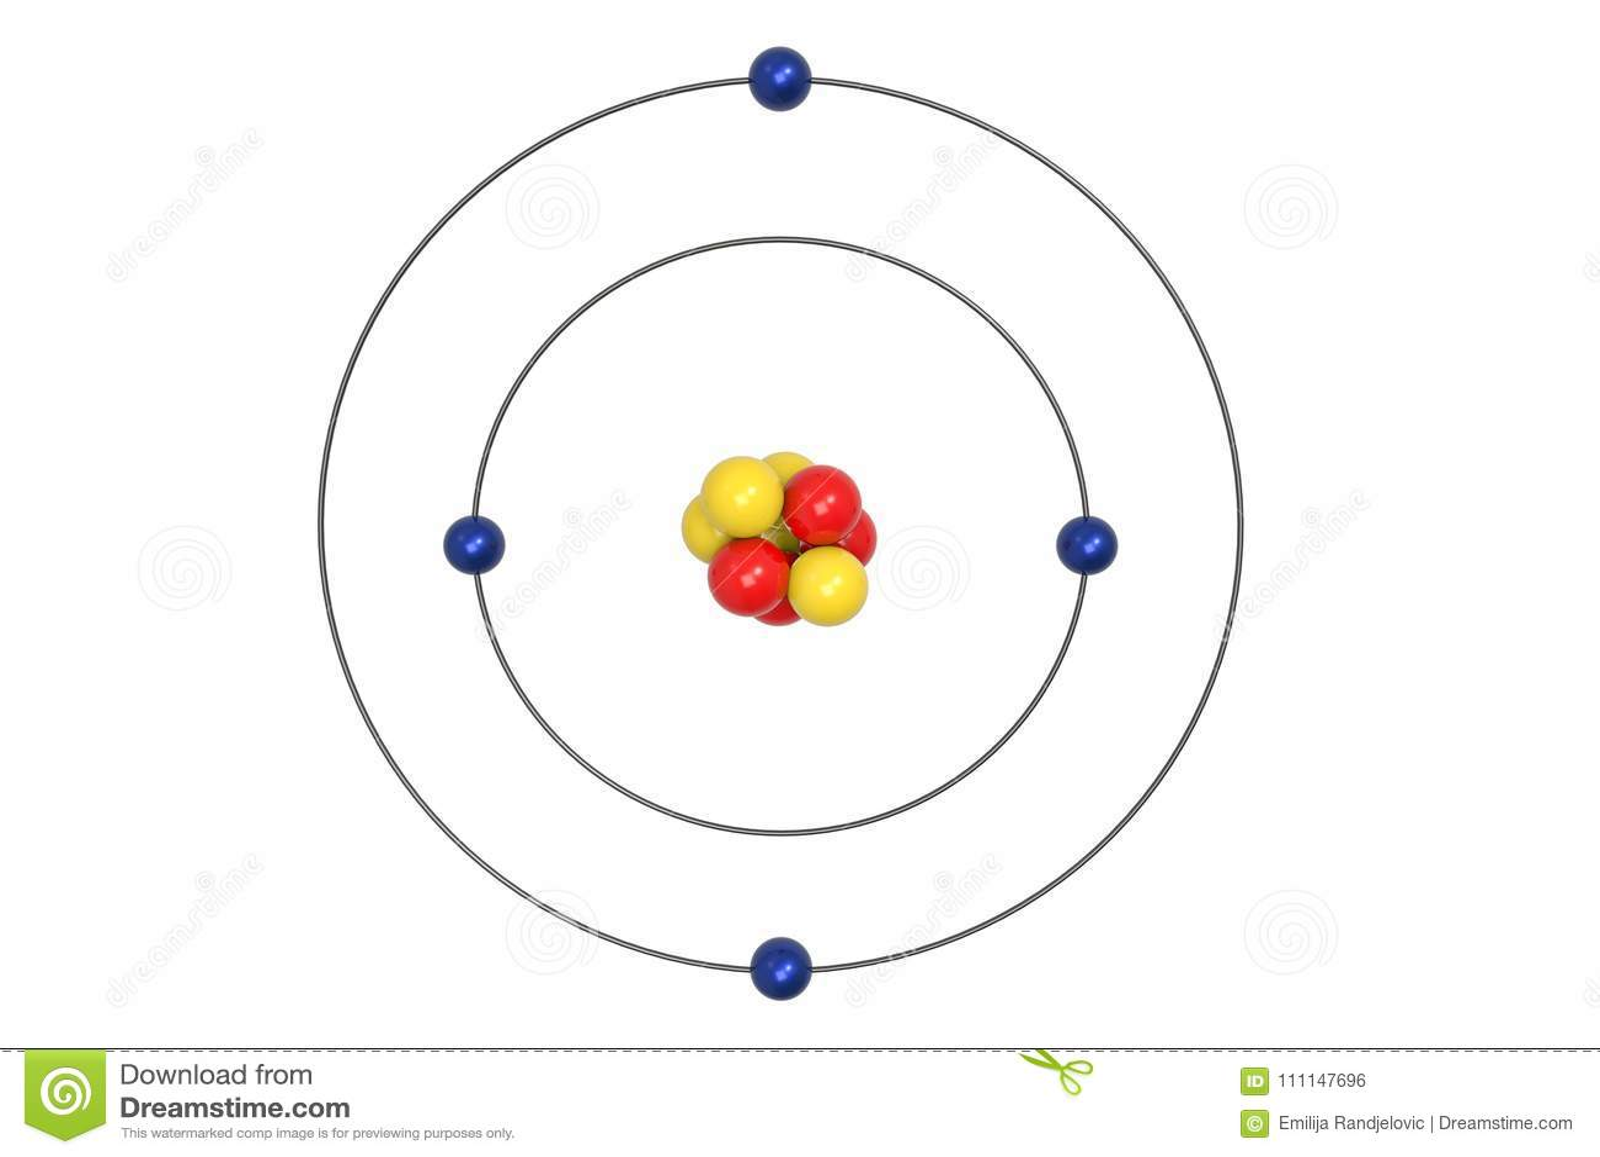 Thorium Bohr Diagram